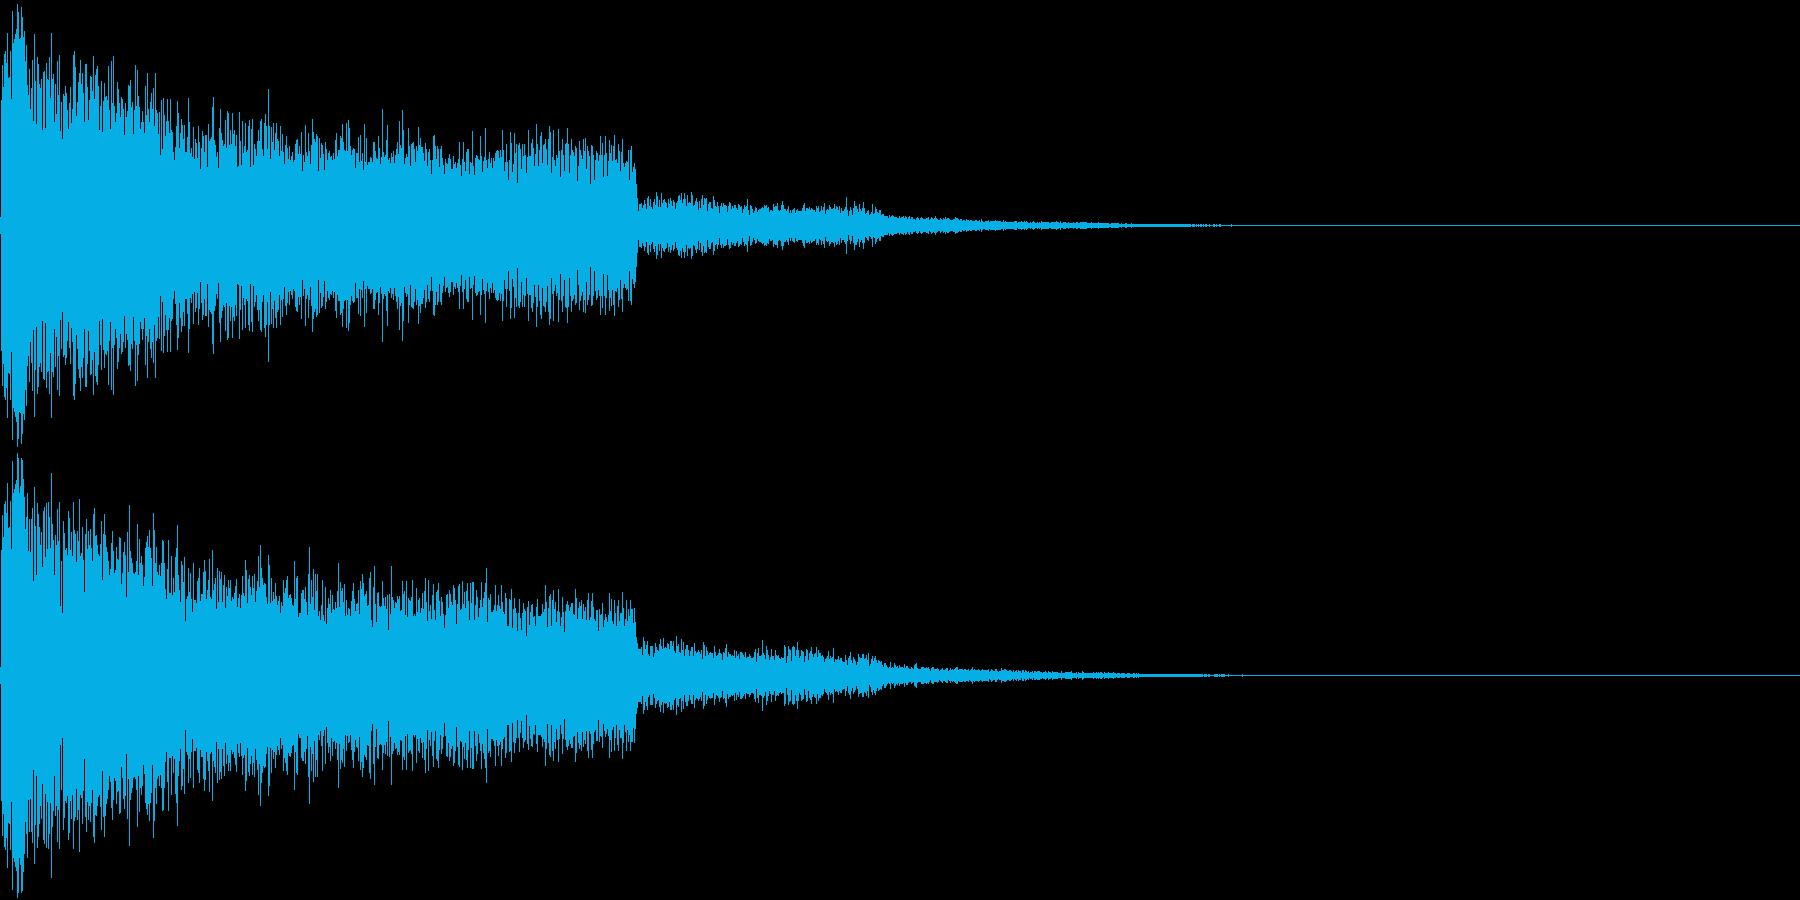 レーザー ピキュン ズキュン キューンの再生済みの波形